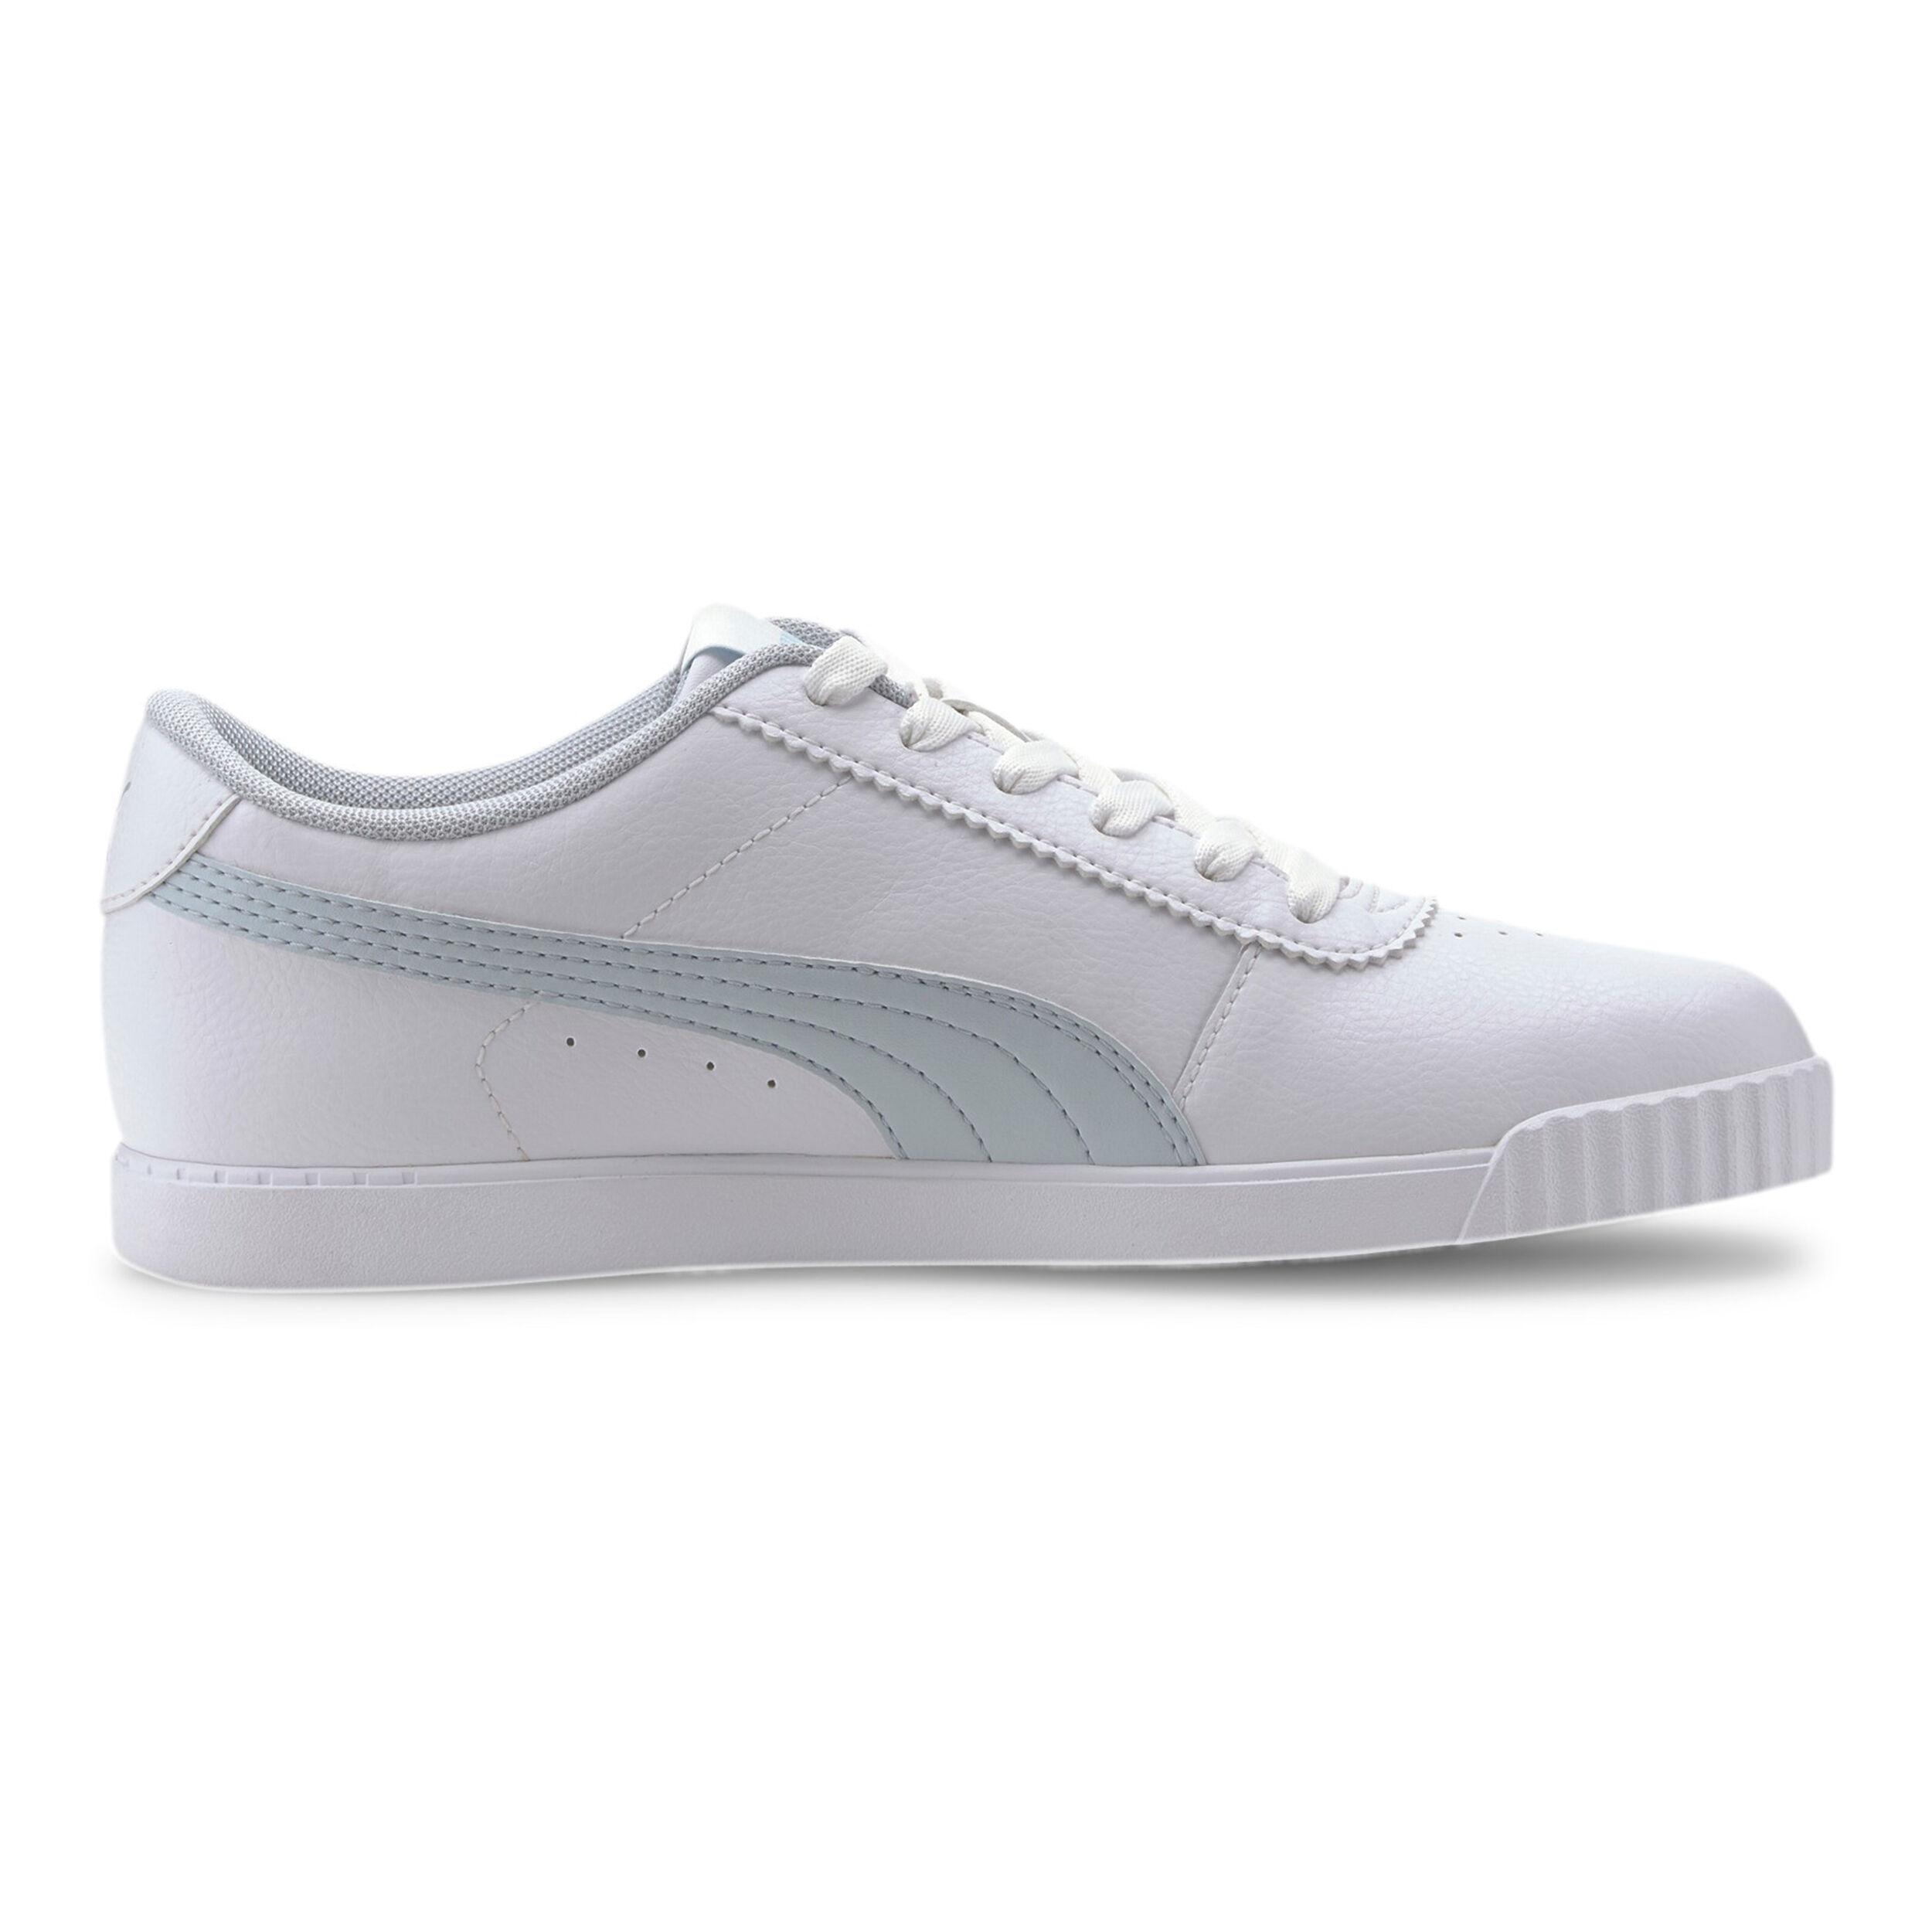 Puma Carina Slim SL Damer Hvid, Lyseblå køb online